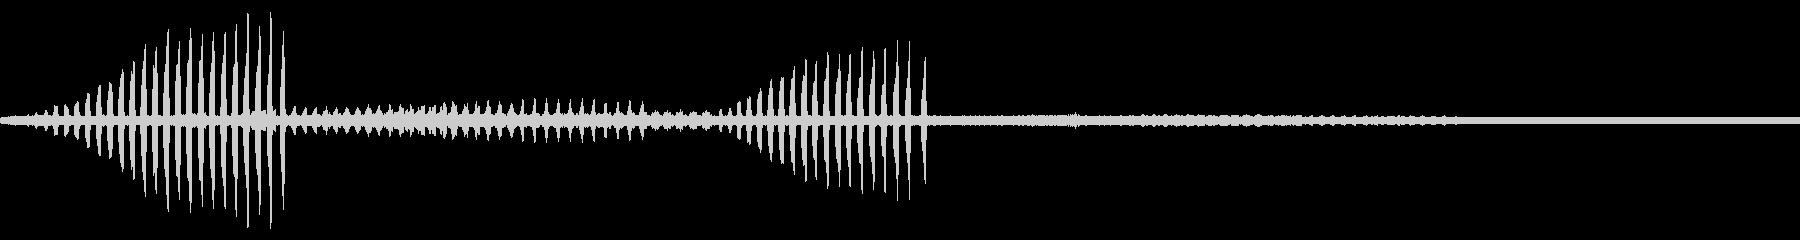 カジカガエルの鳴き声(ソロ)の未再生の波形